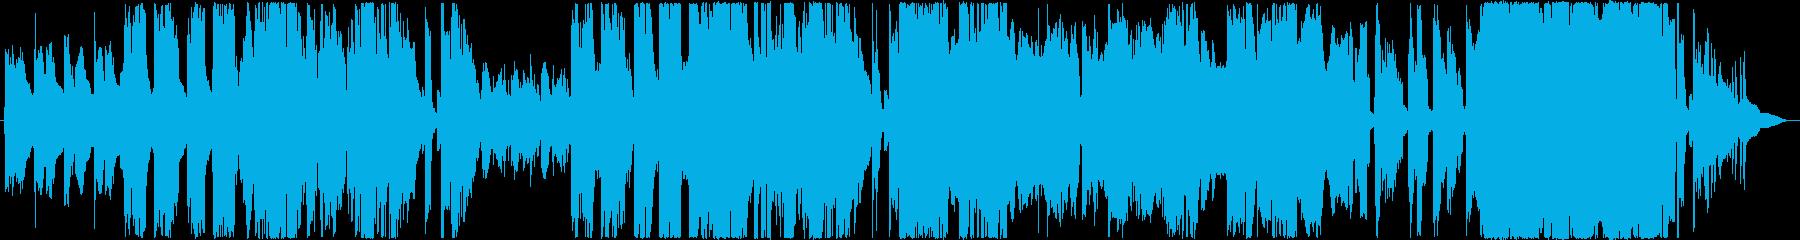 子守歌の様な混声のゆったりとしたピアノ曲の再生済みの波形